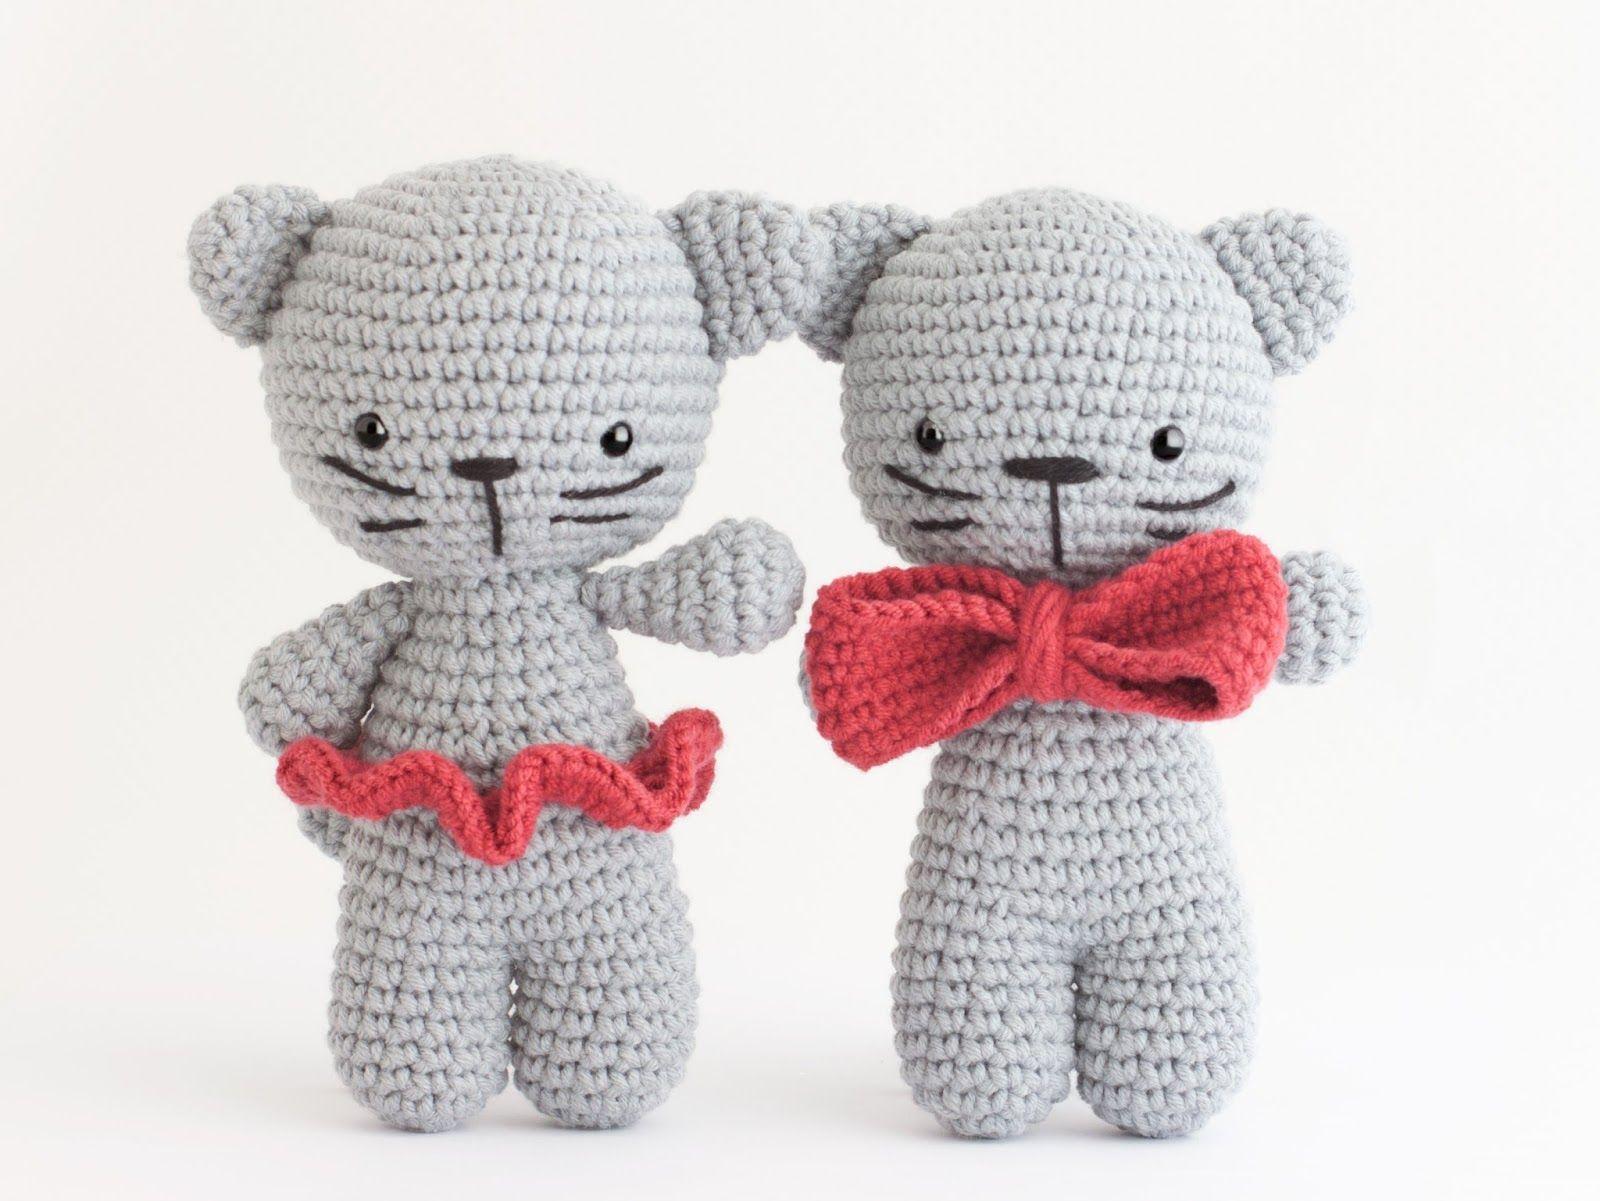 Amigurumi gatitos (enlace a patron gratis) | toys crocheted ...